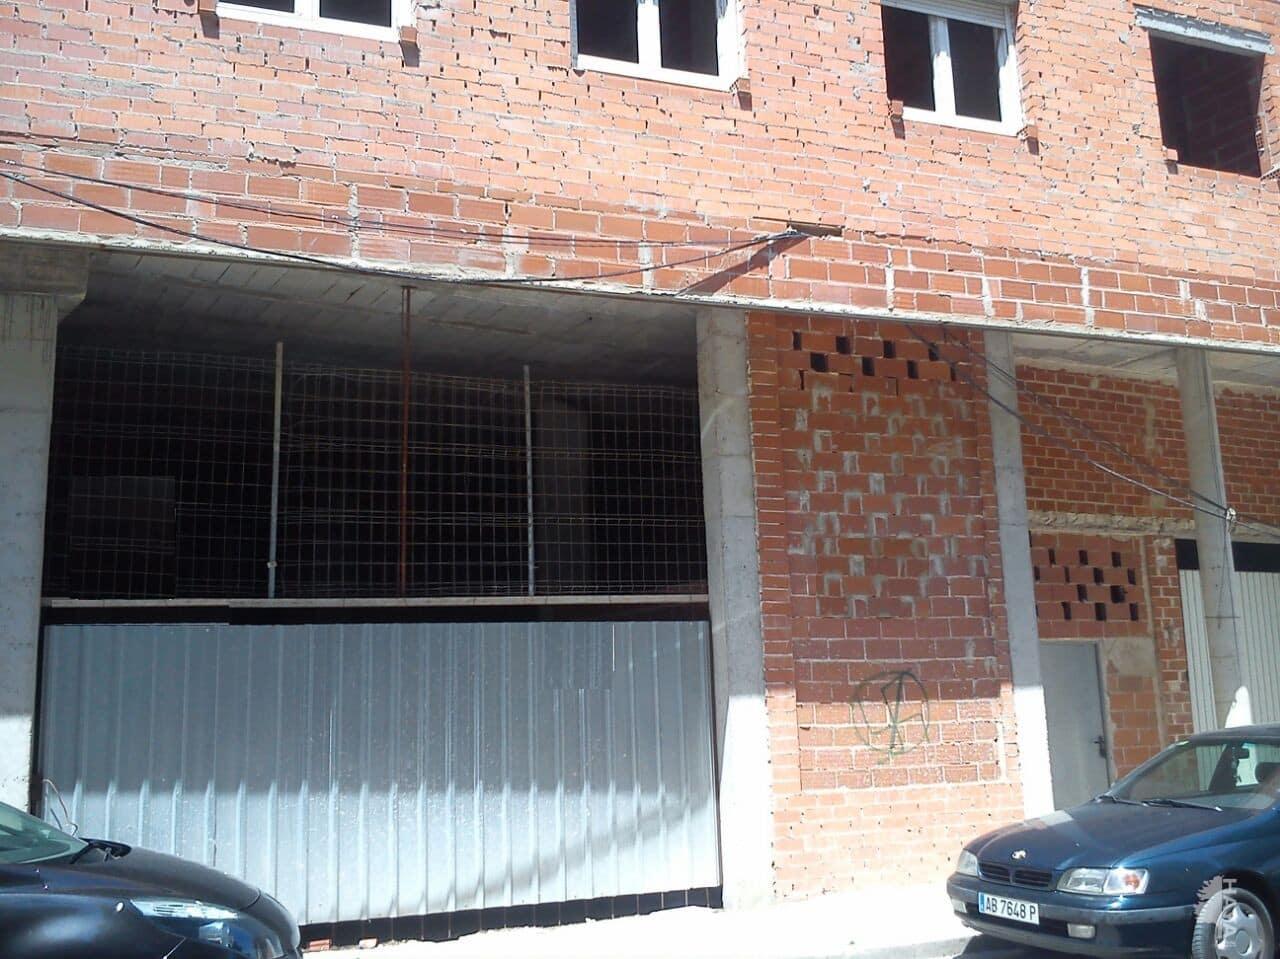 Piso en venta en La Roda, la Roda, Albacete, Plaza Juan Garcia Glz, 48.200 €, 1 habitación, 1 baño, 135 m2